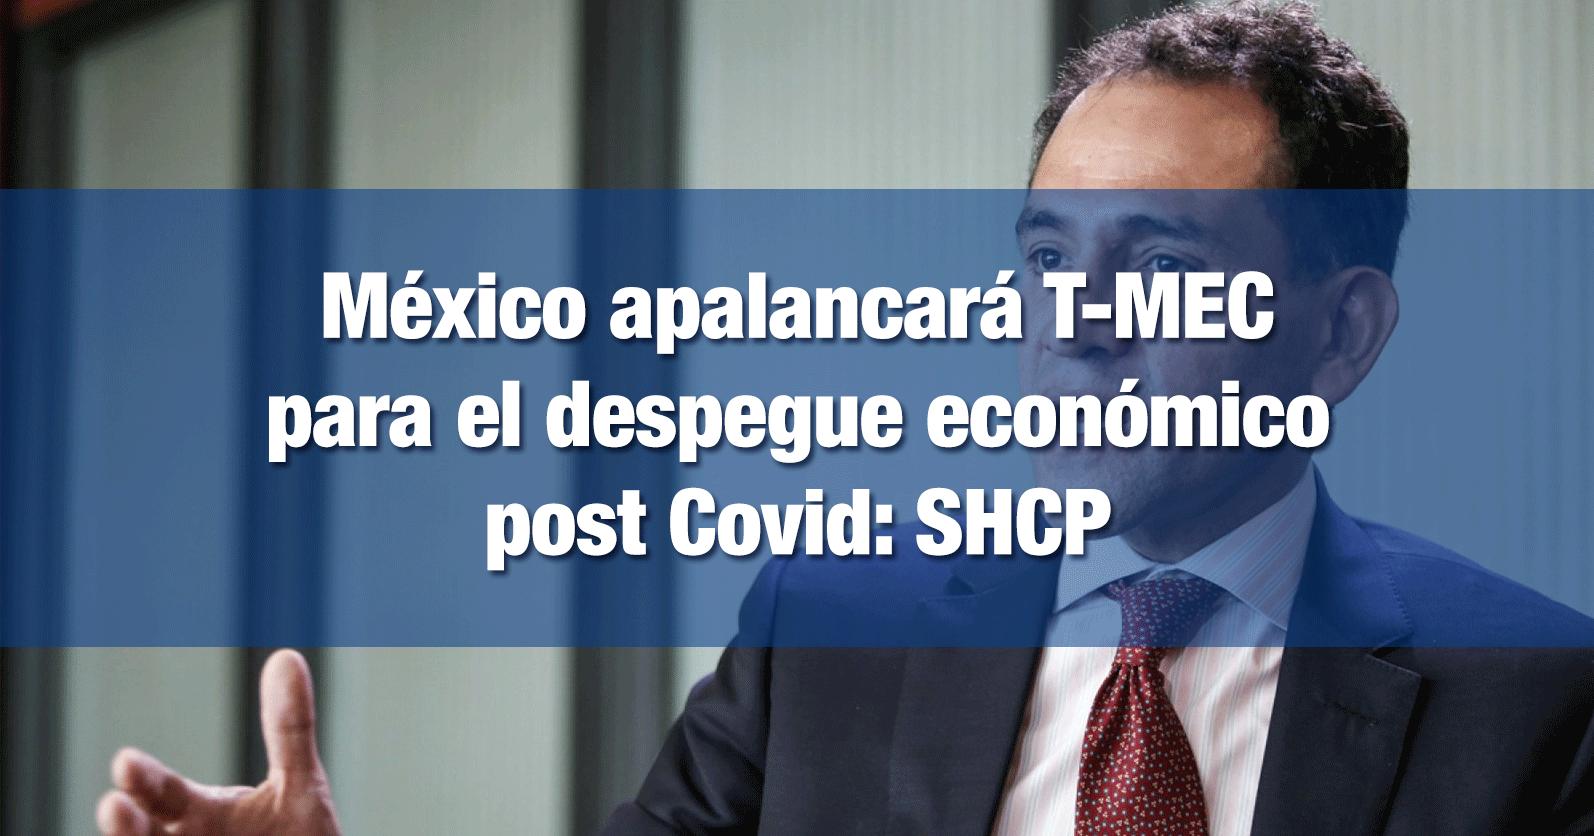 México apalancará T-MEC para el despegue económico post Covid: SHCP